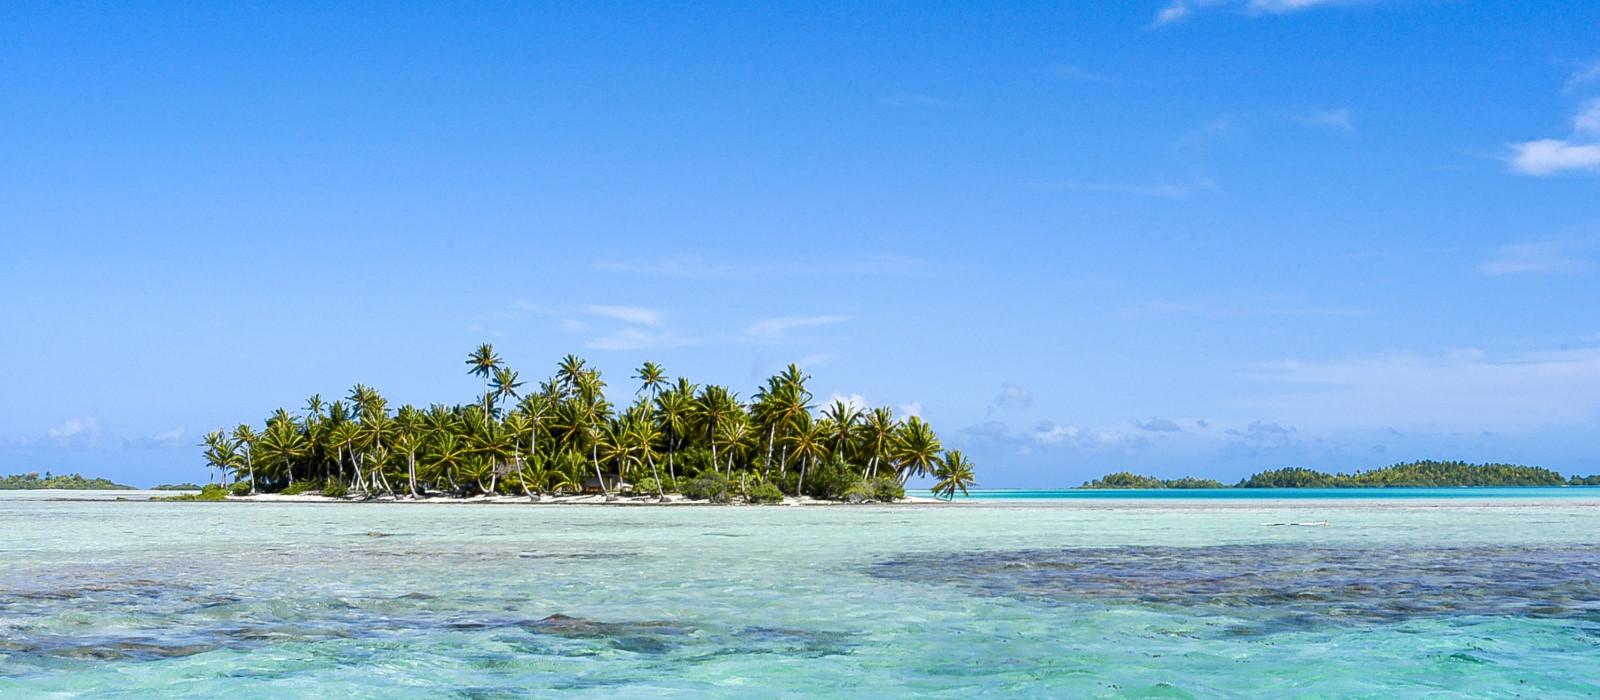 Destination Rangiroa French Polynesia